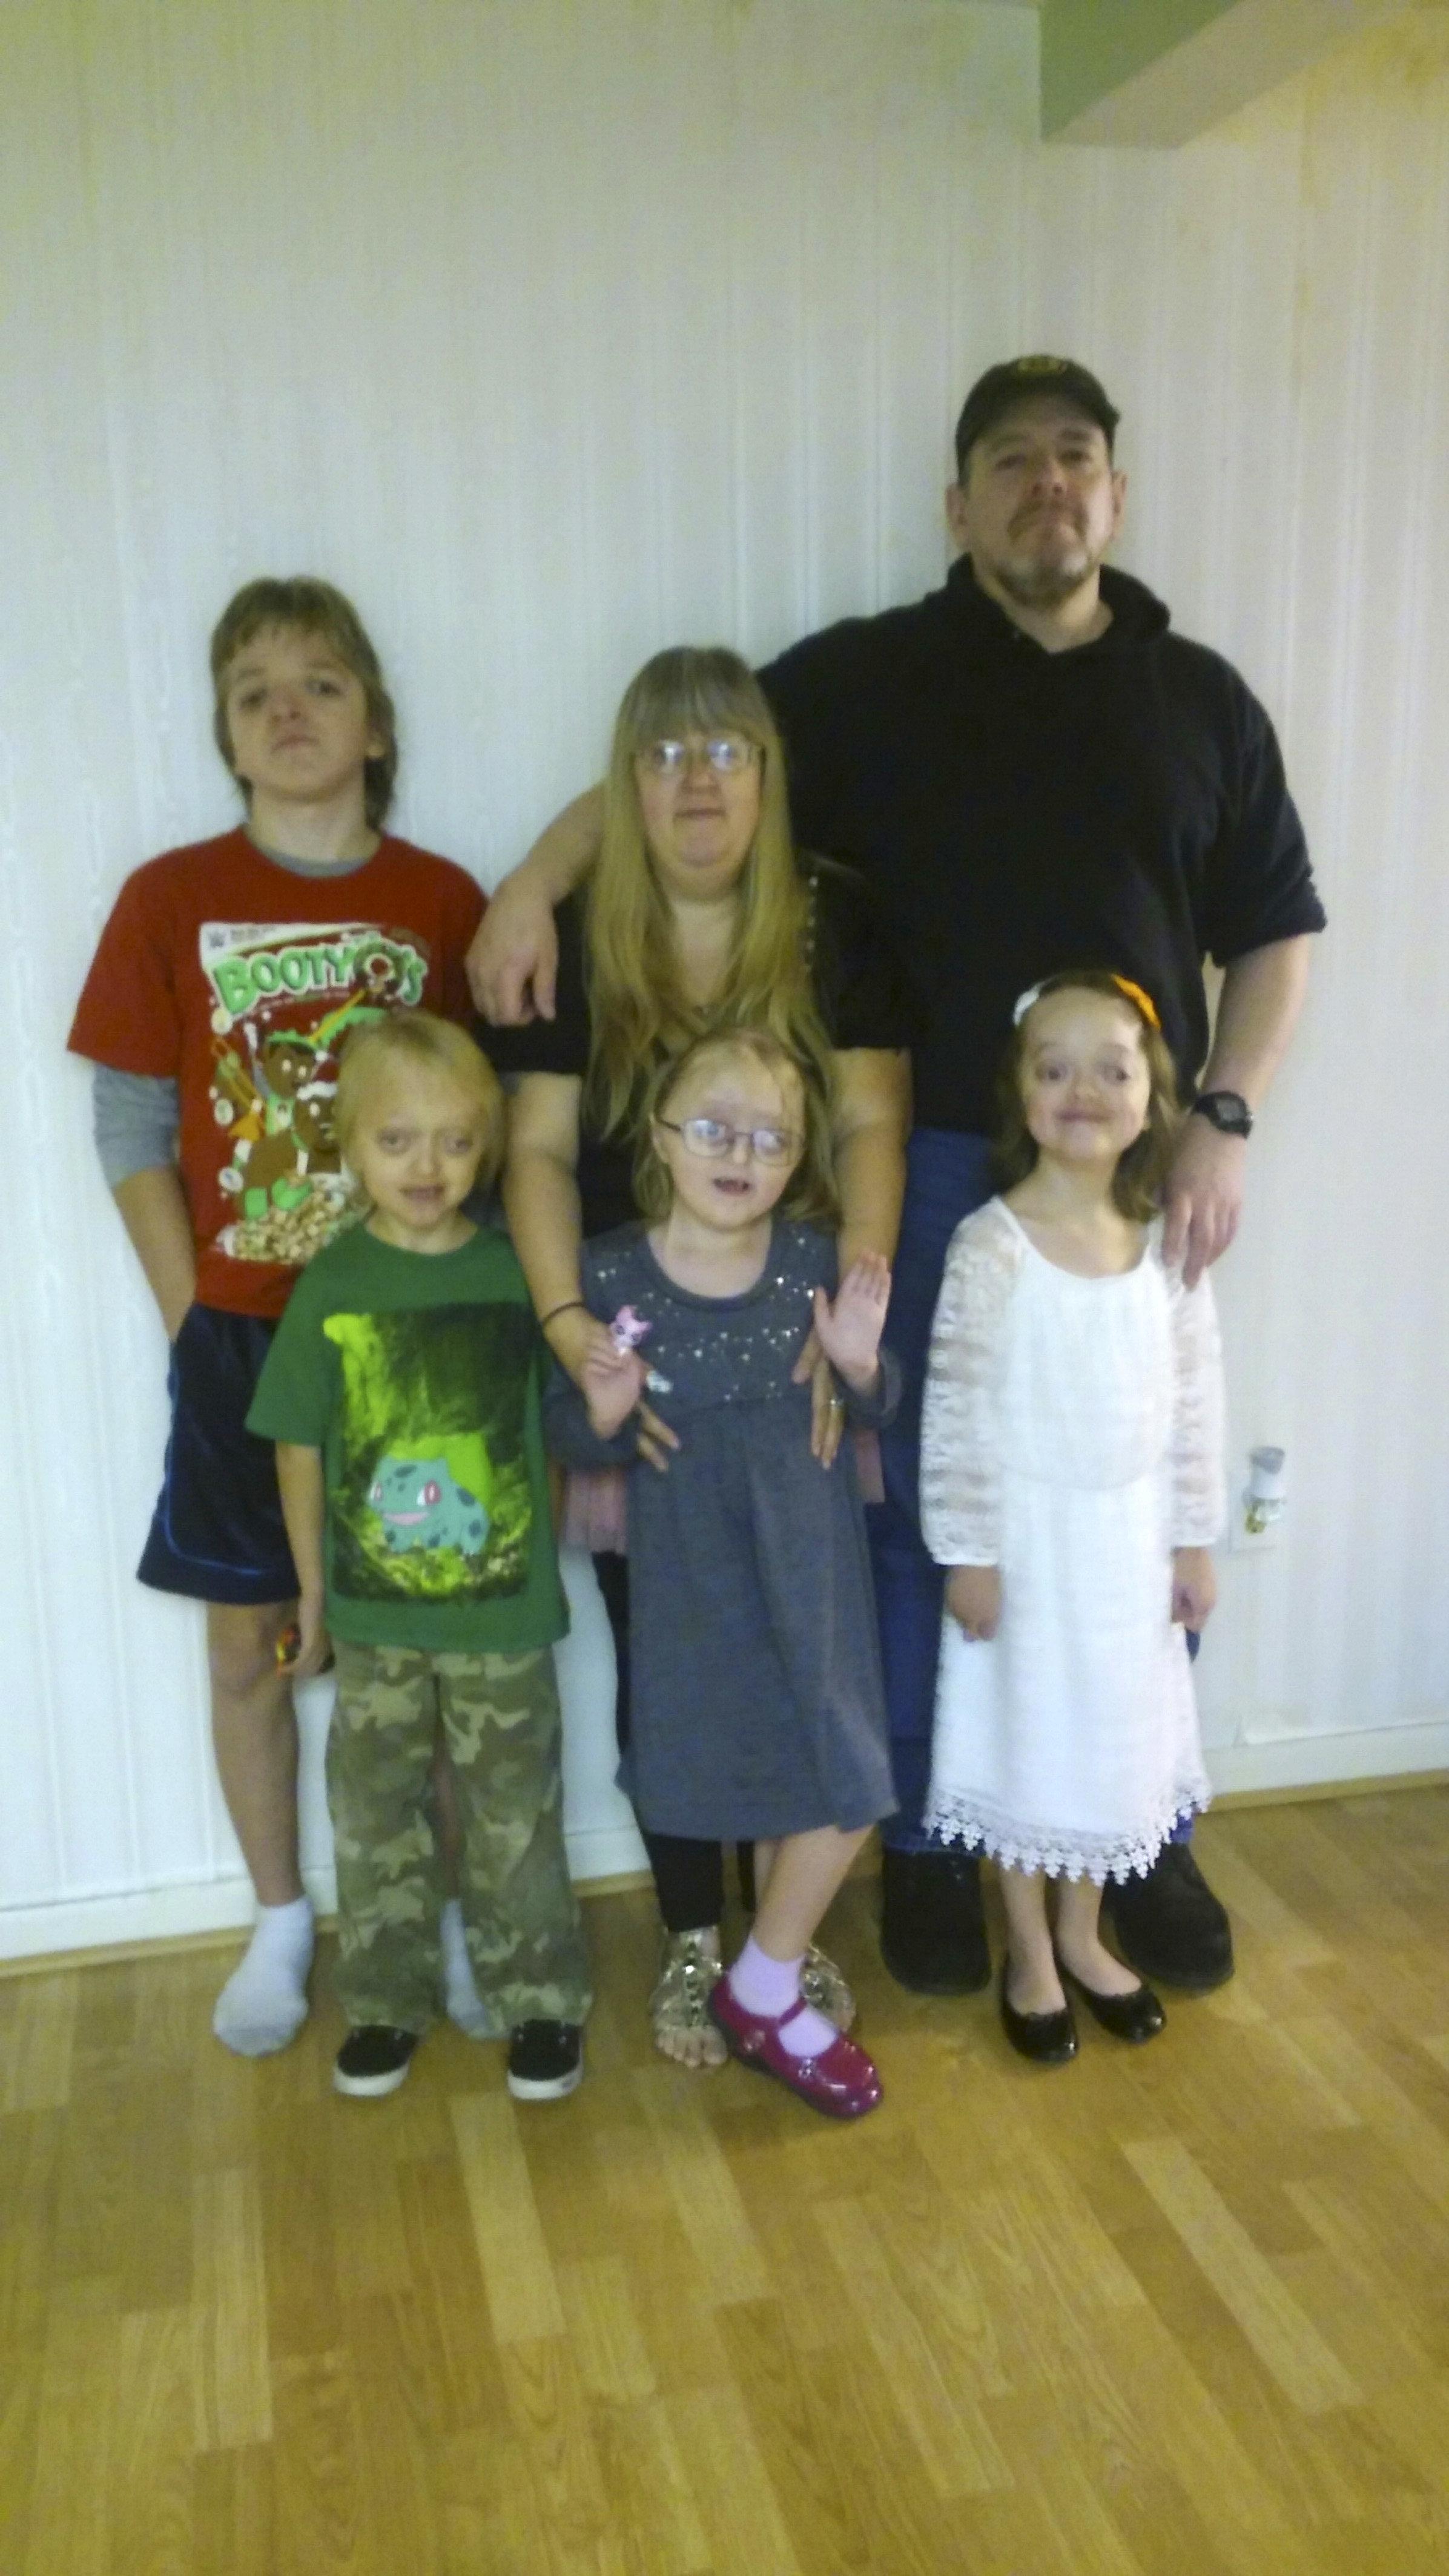 Mutter und ihre vier behinderten Kinder werden im Internet gemobbt – jetzt zeigt sie es